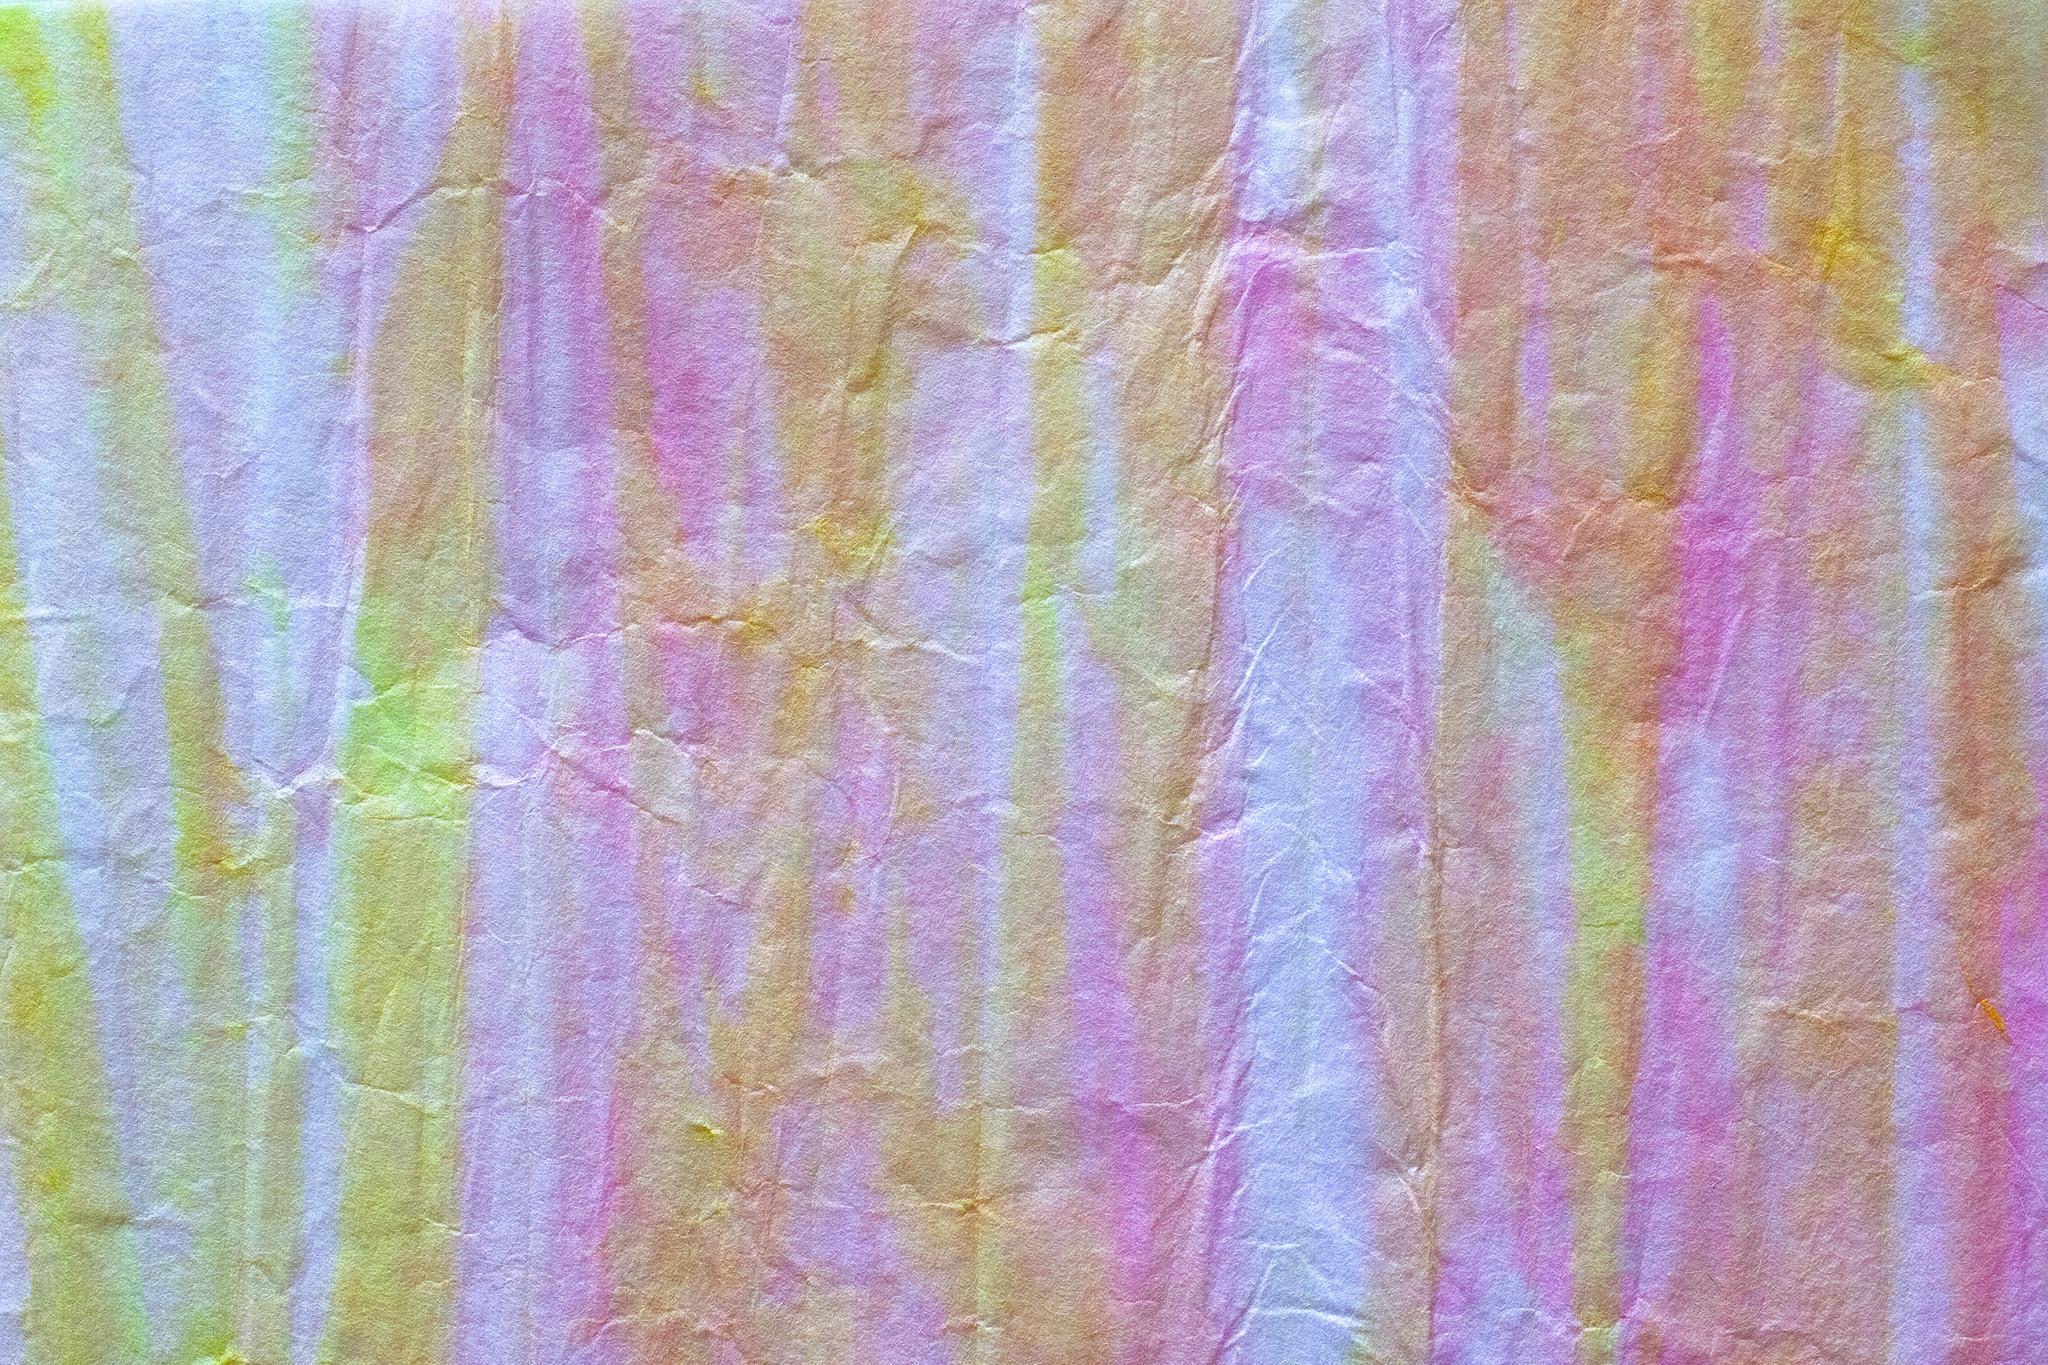 「ピンクと黄色の縞模様の和紙」